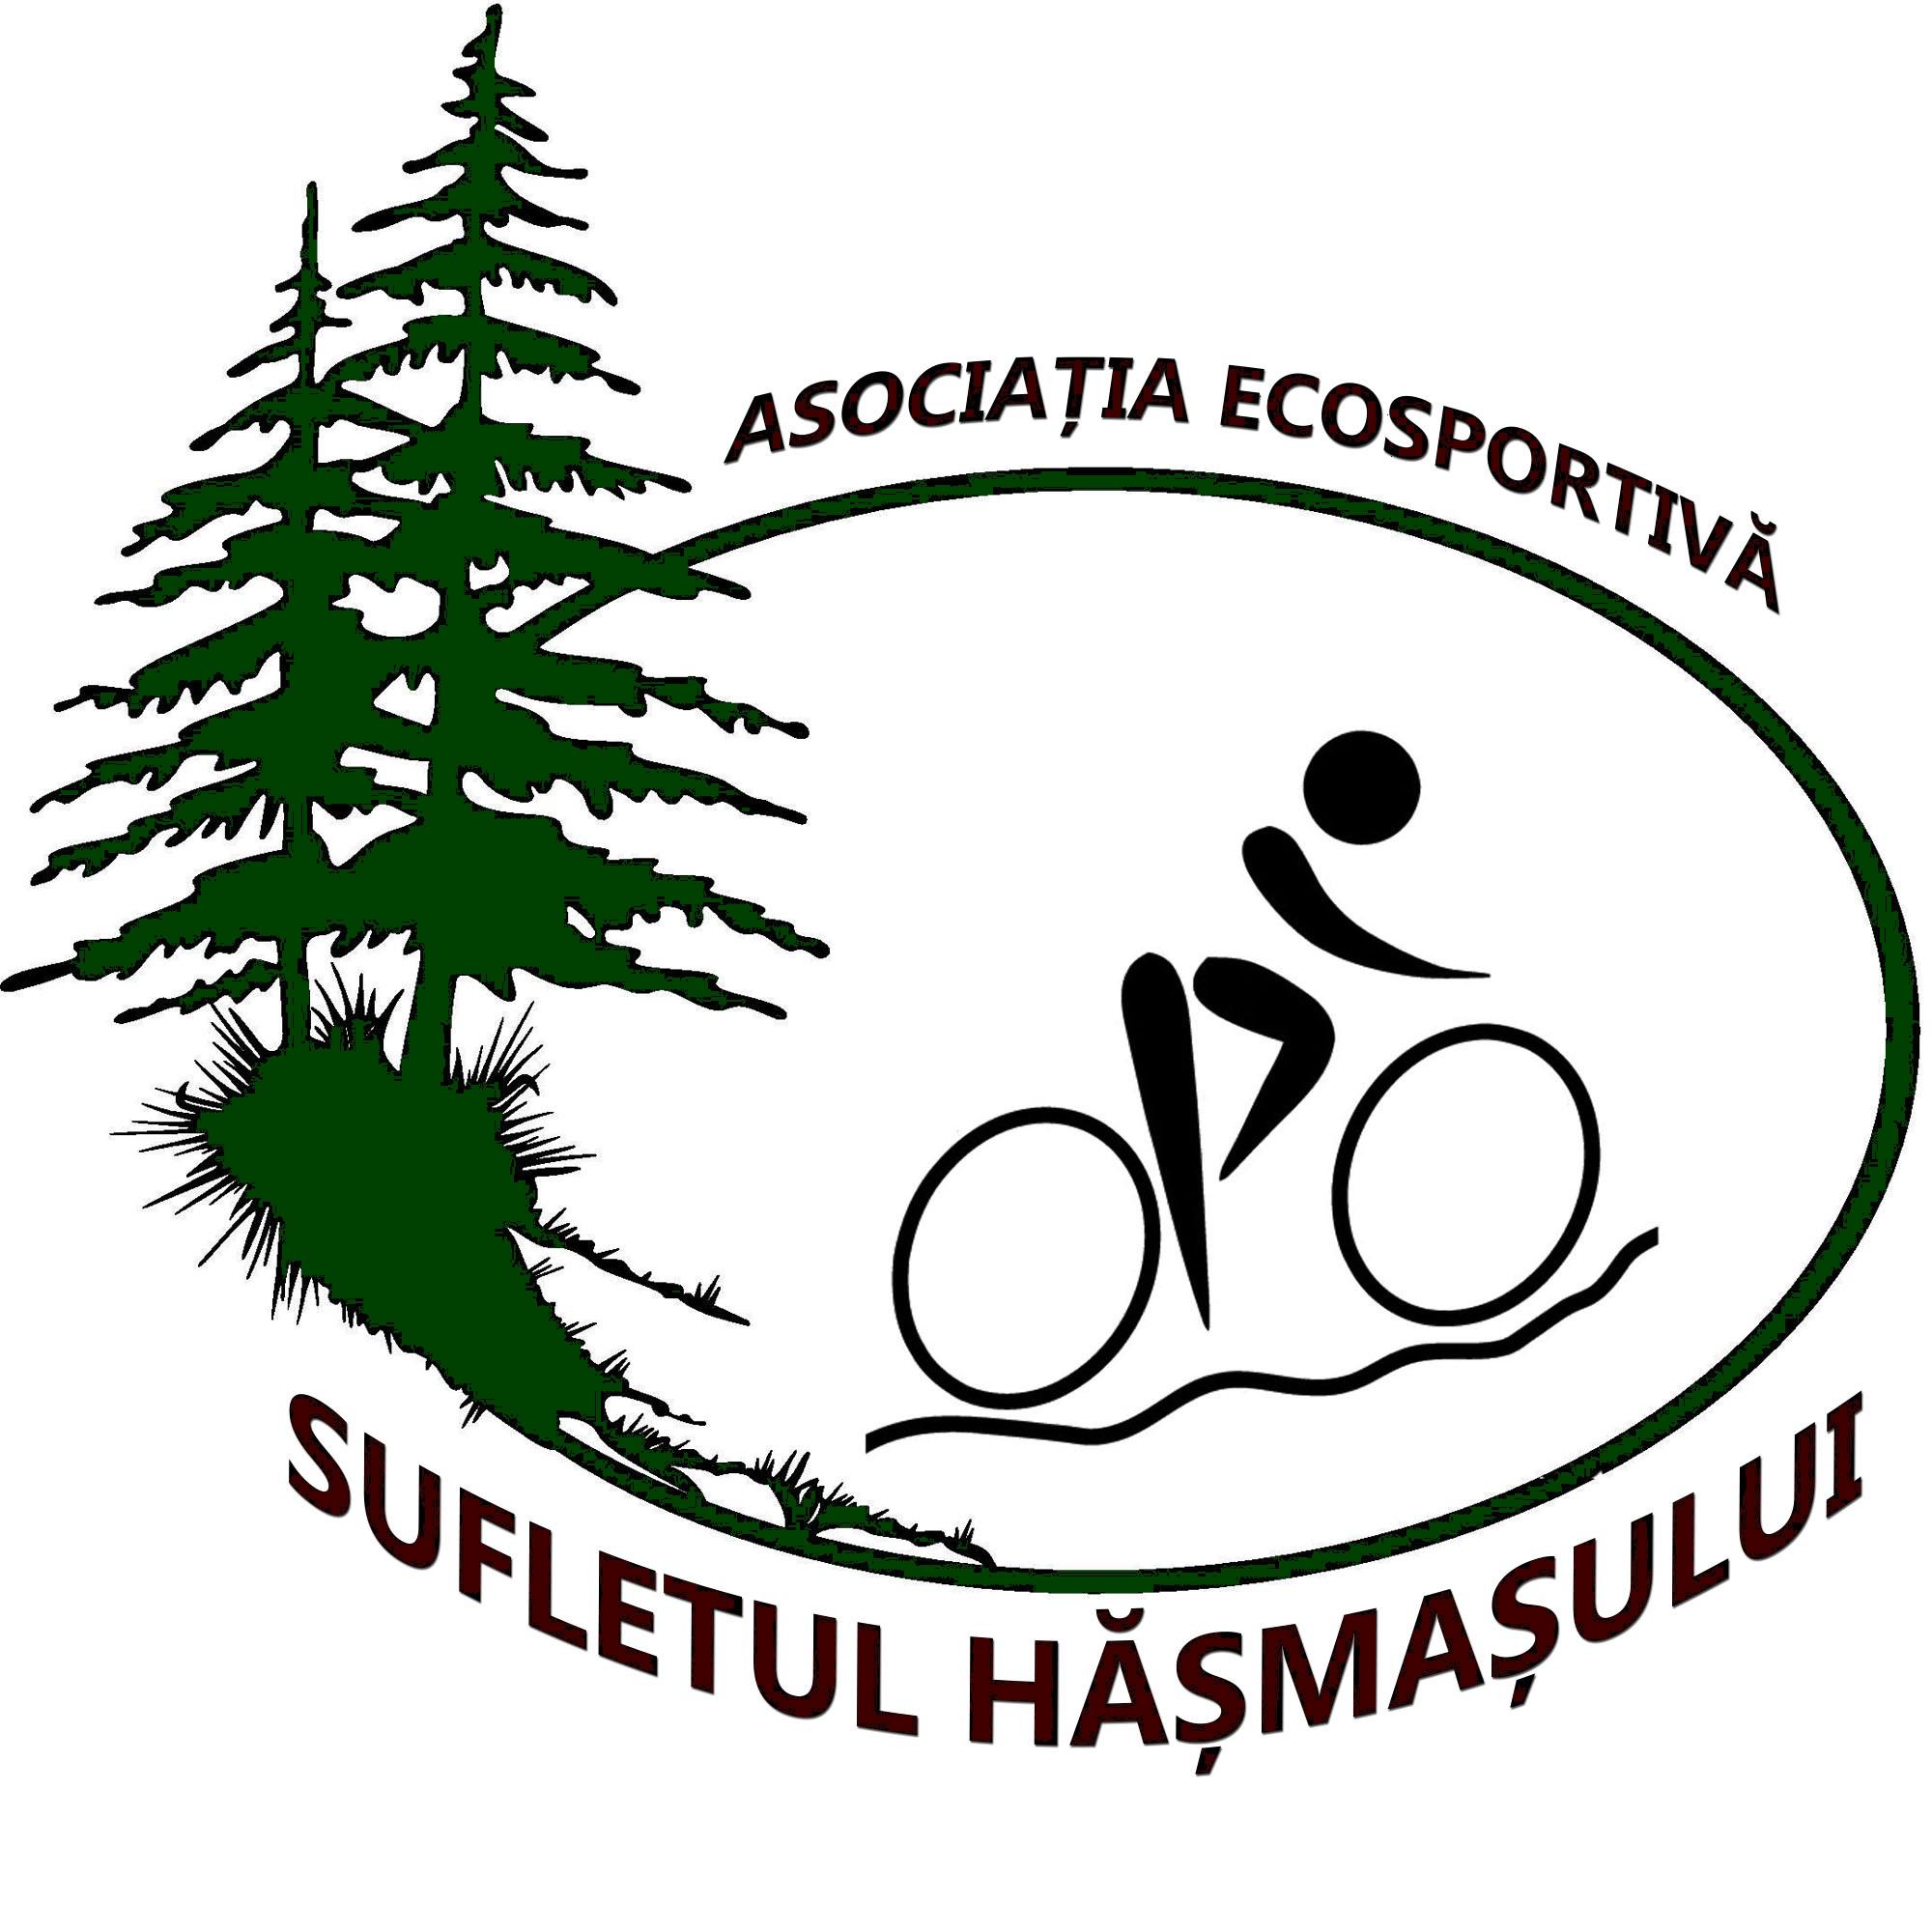 Asociația Ecosportivă Sufletul Hășmașului logo